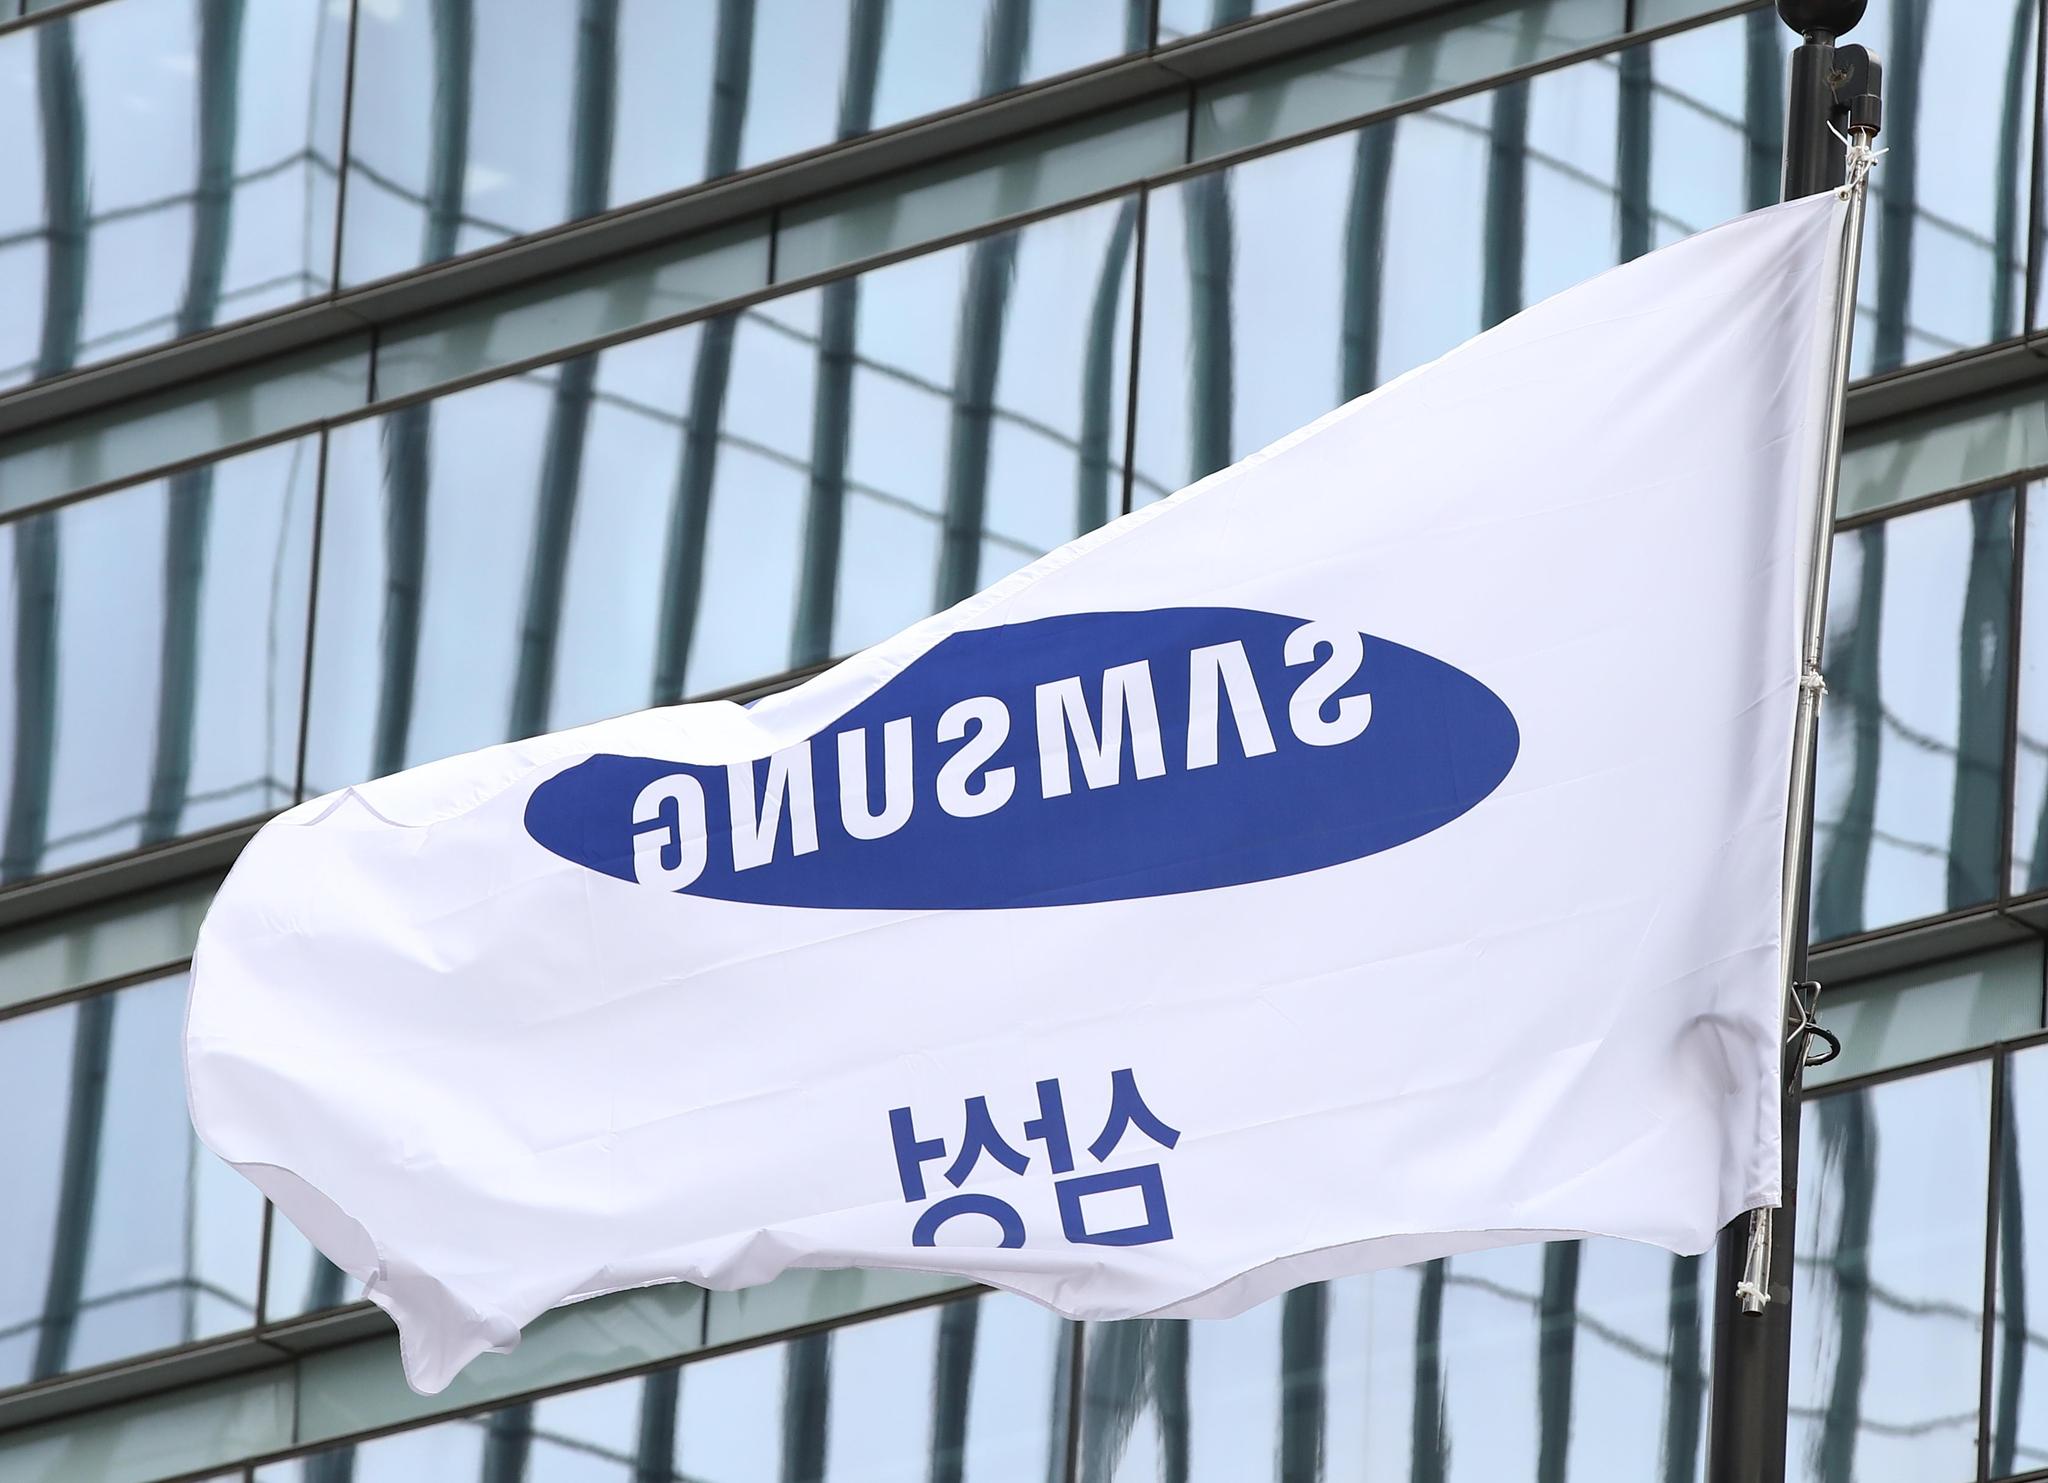 31일 서울 서초구 삼성 서초사옥에 걸린 깃발이 바람에 휘날리고 있다. 연합뉴스